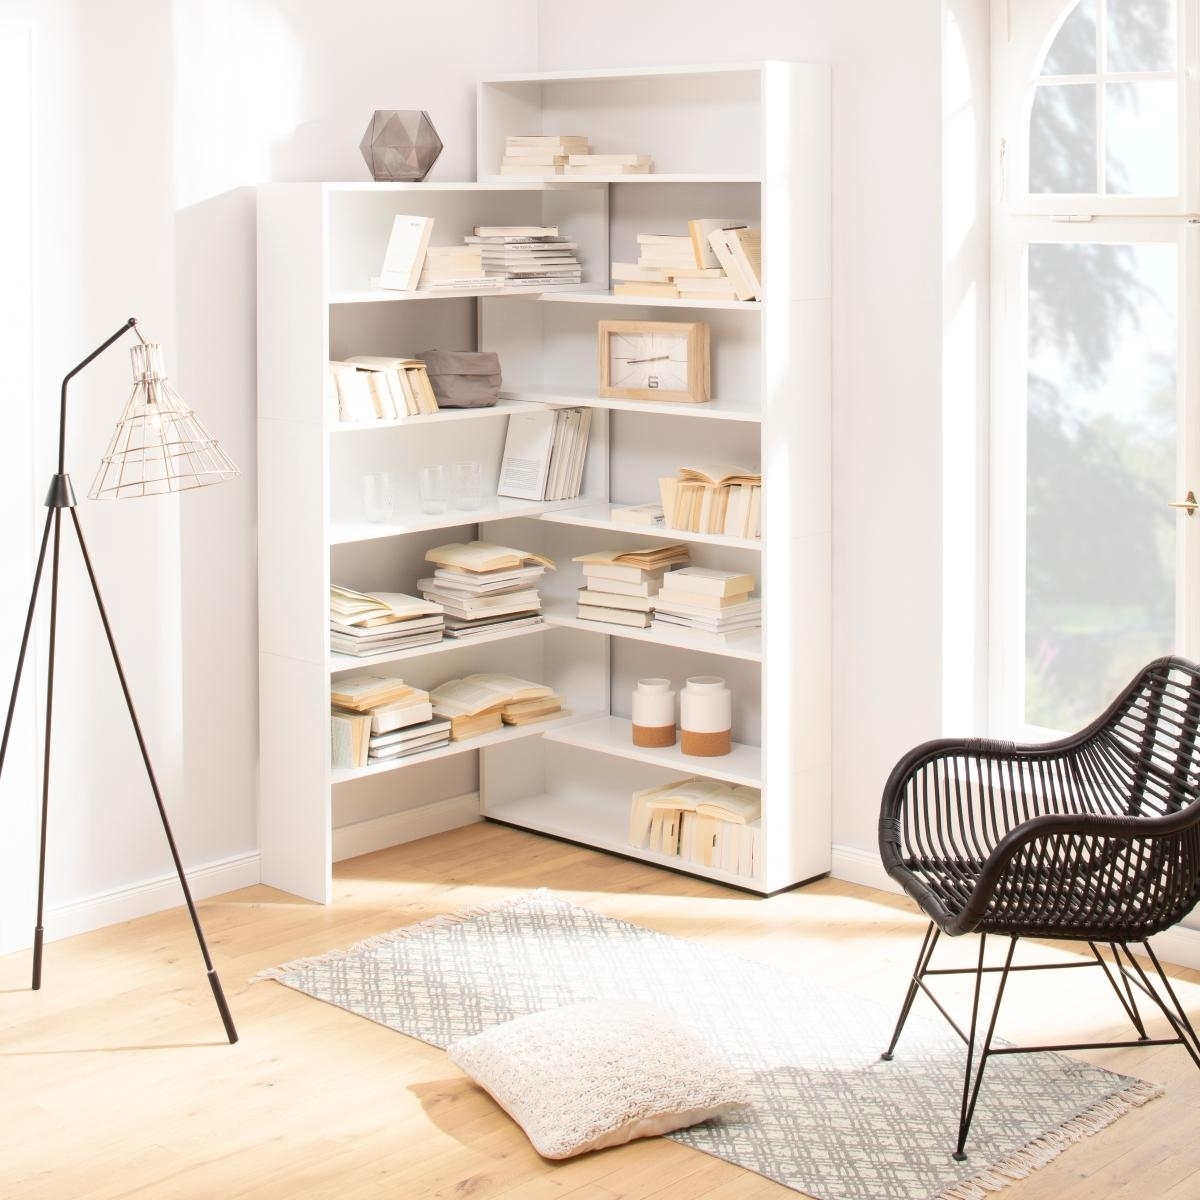 raumteiler kreativ einsetzen inspiration bei couch. Black Bedroom Furniture Sets. Home Design Ideas